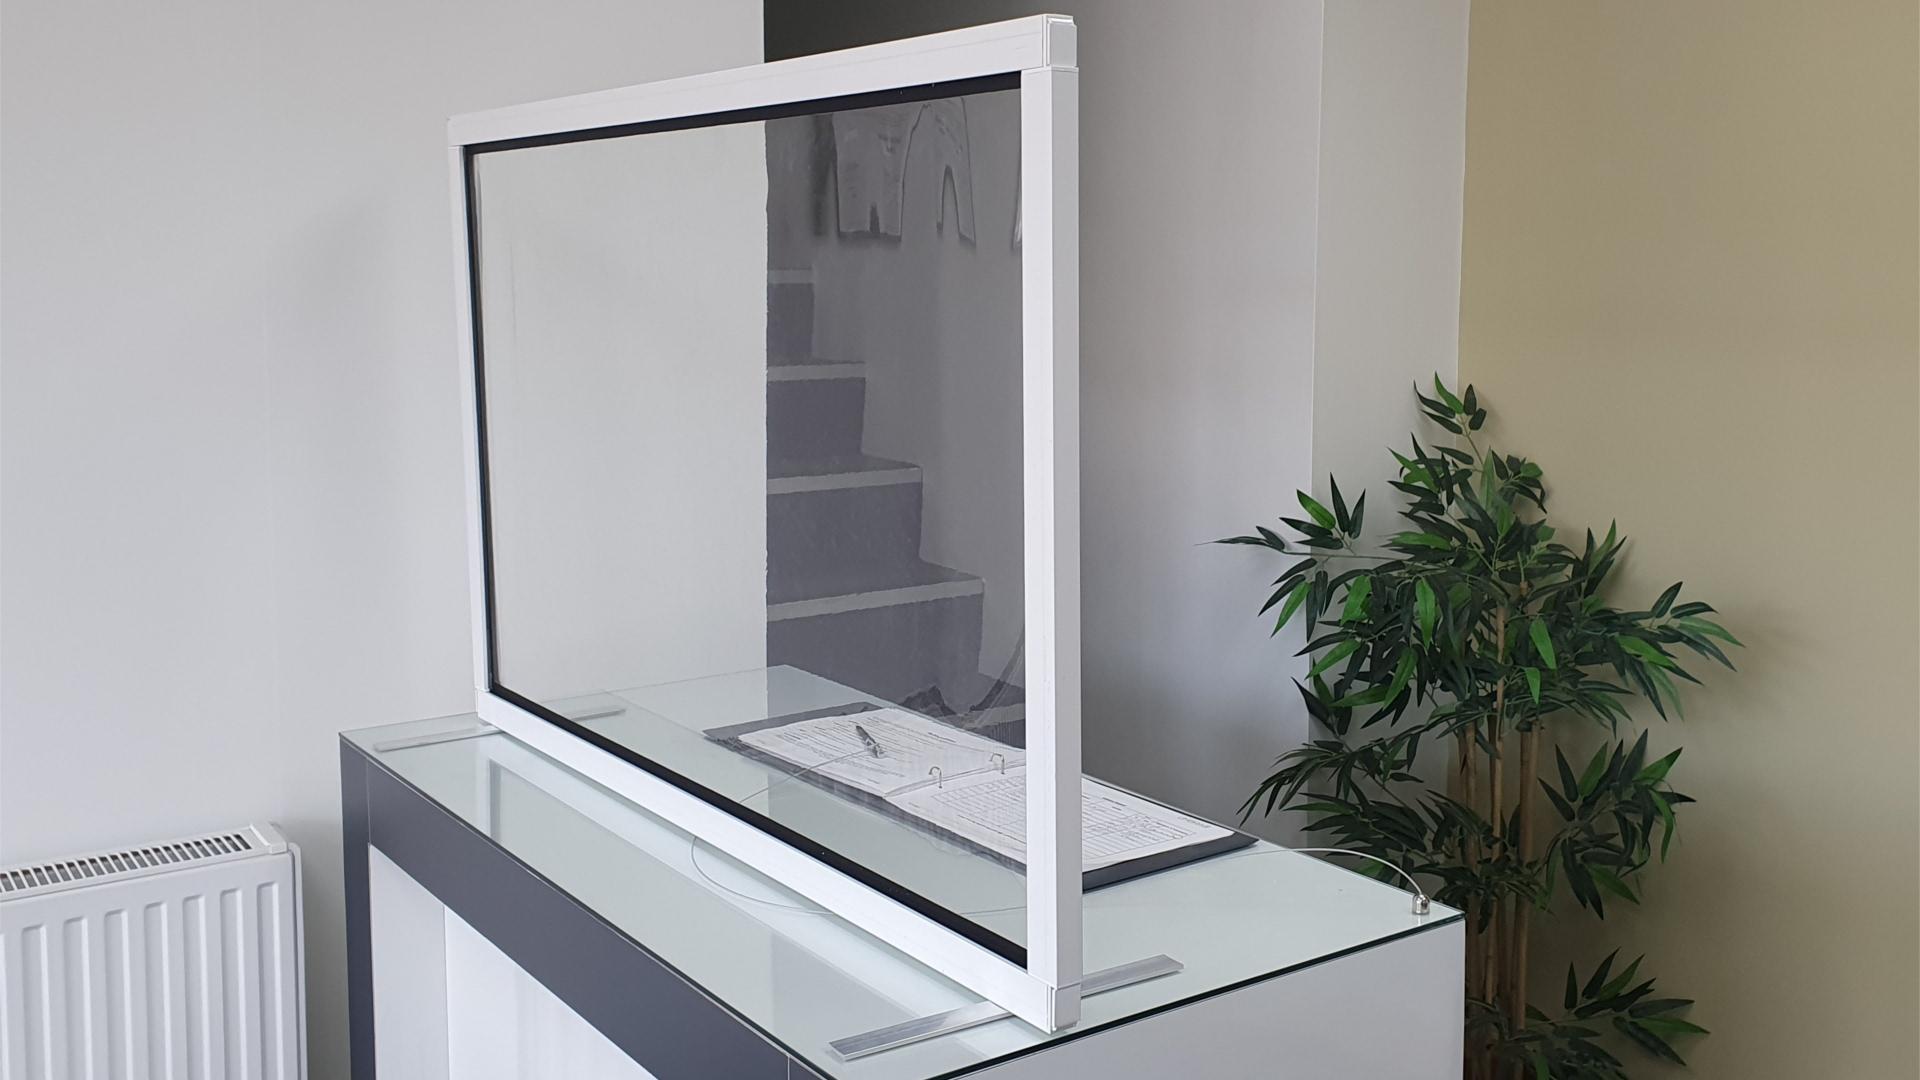 DeskLok screen